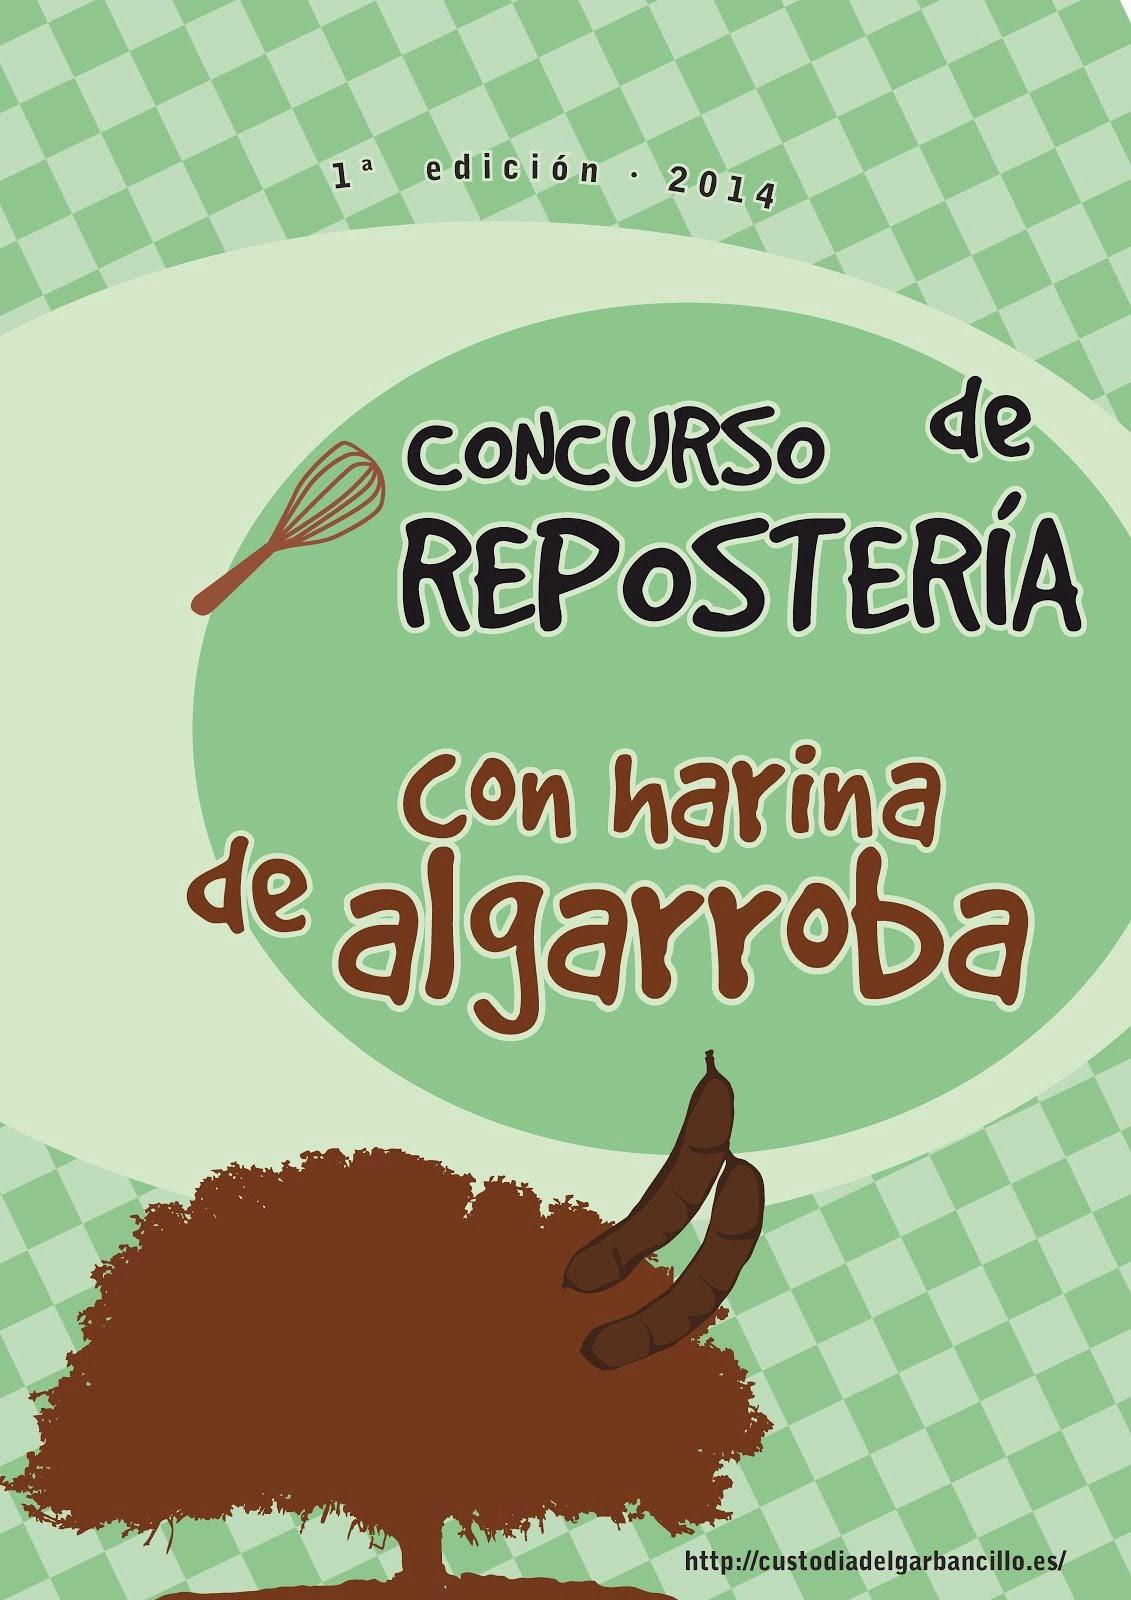 Cartagena acoge la 1ª Edición del Concurso de repostería con harina de algarroba